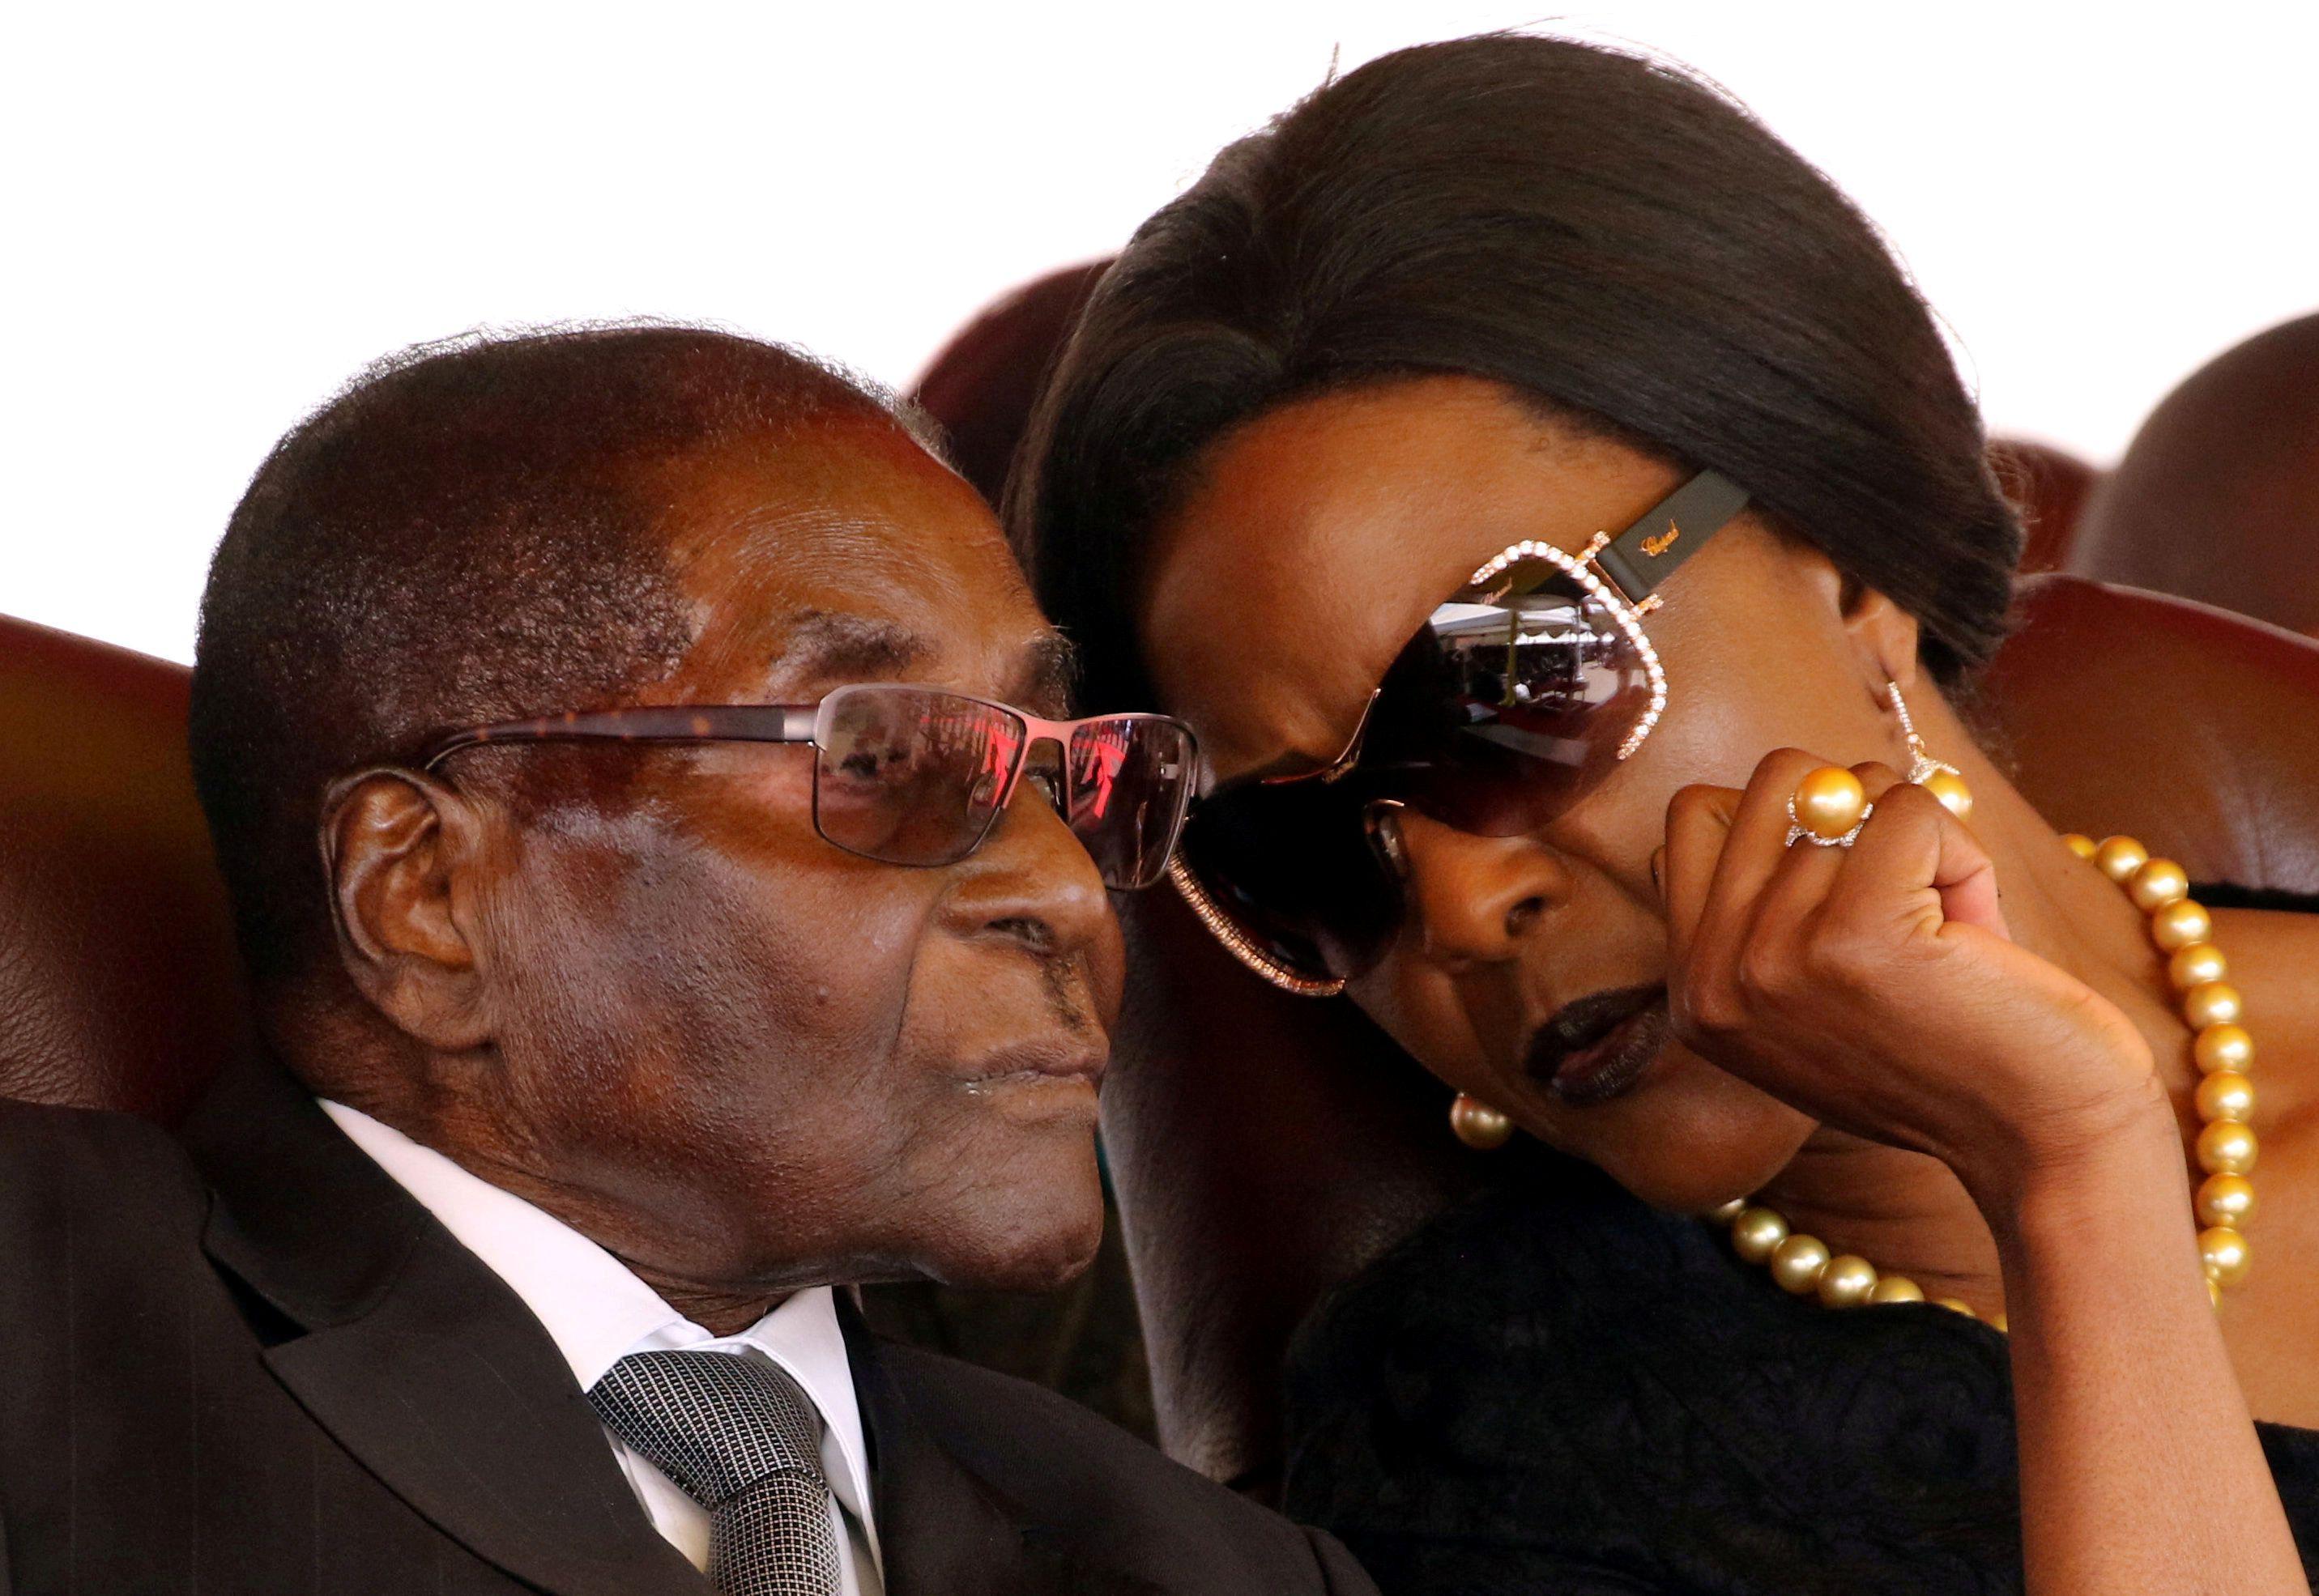 El ex presidente de Zimbabwe Robert Mugabe y su esposa Grace en 2017 (REUTERS/Philimon Bulawayo/File Photo)